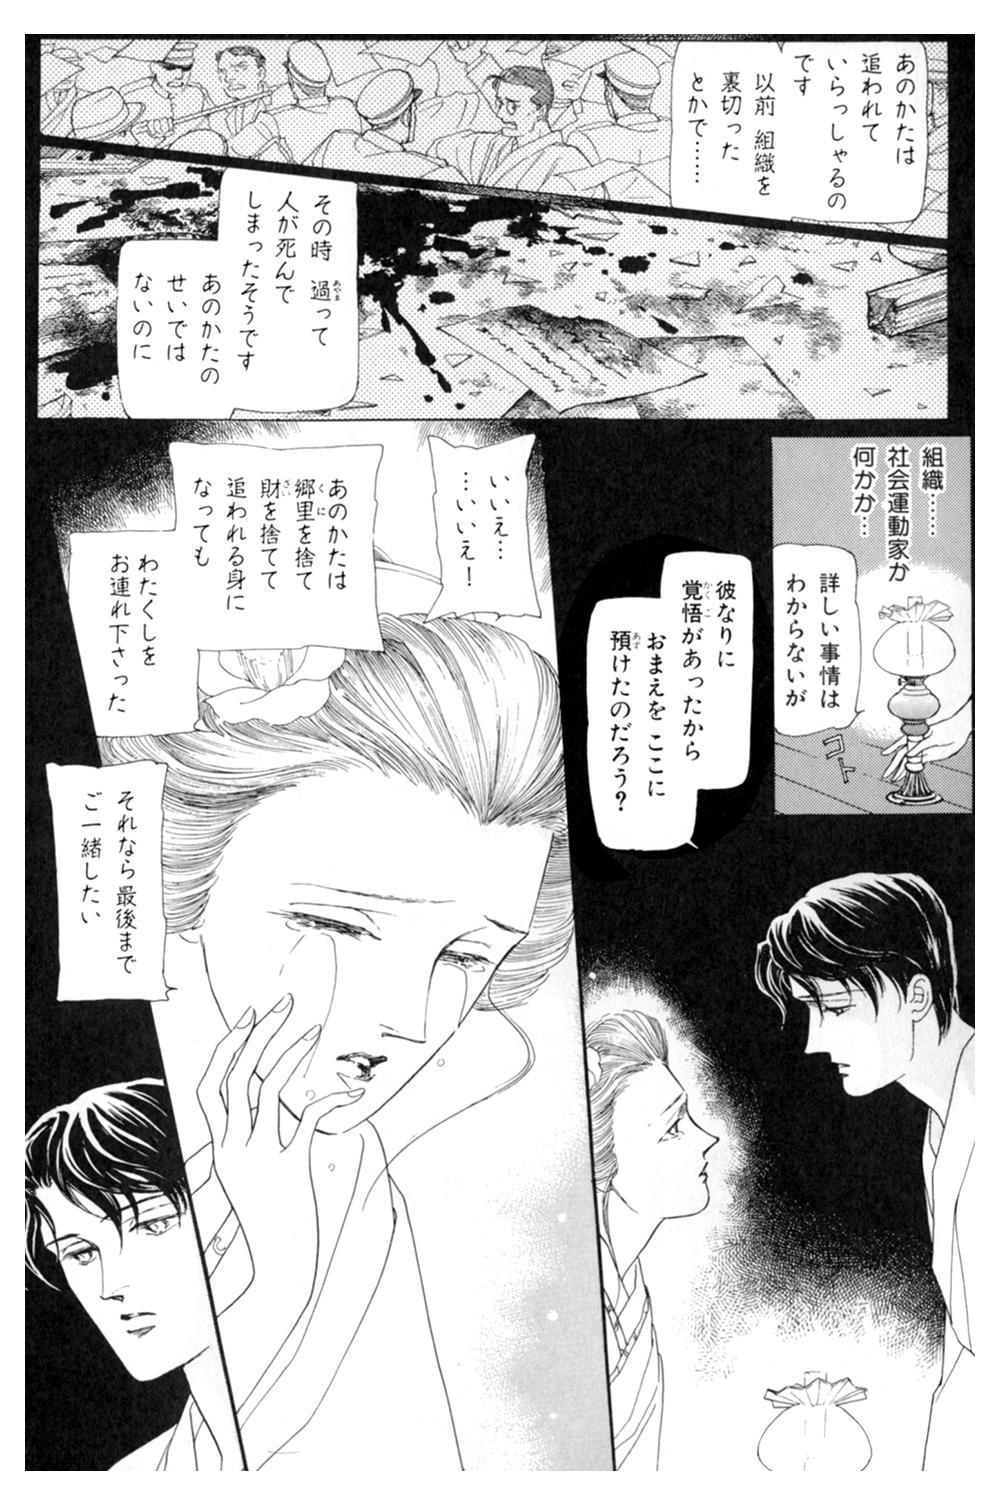 雨柳堂夢咄 第1話「花椿の恋」①uryu12.jpg